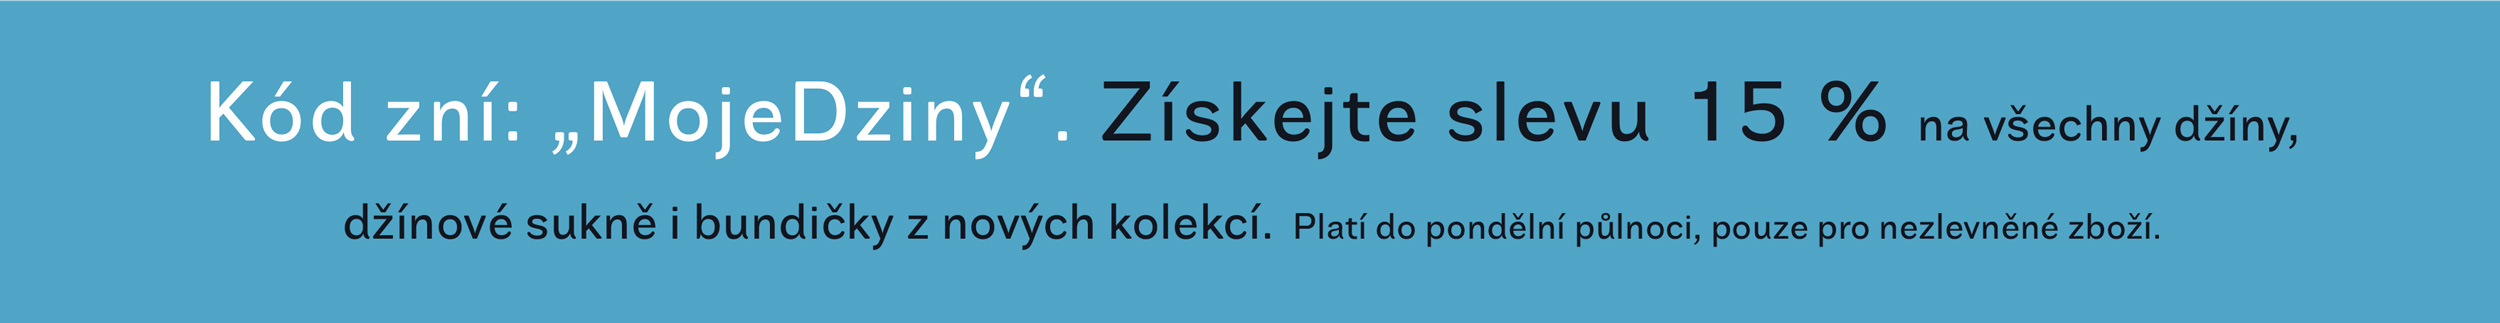 denim-banner_01.jpg